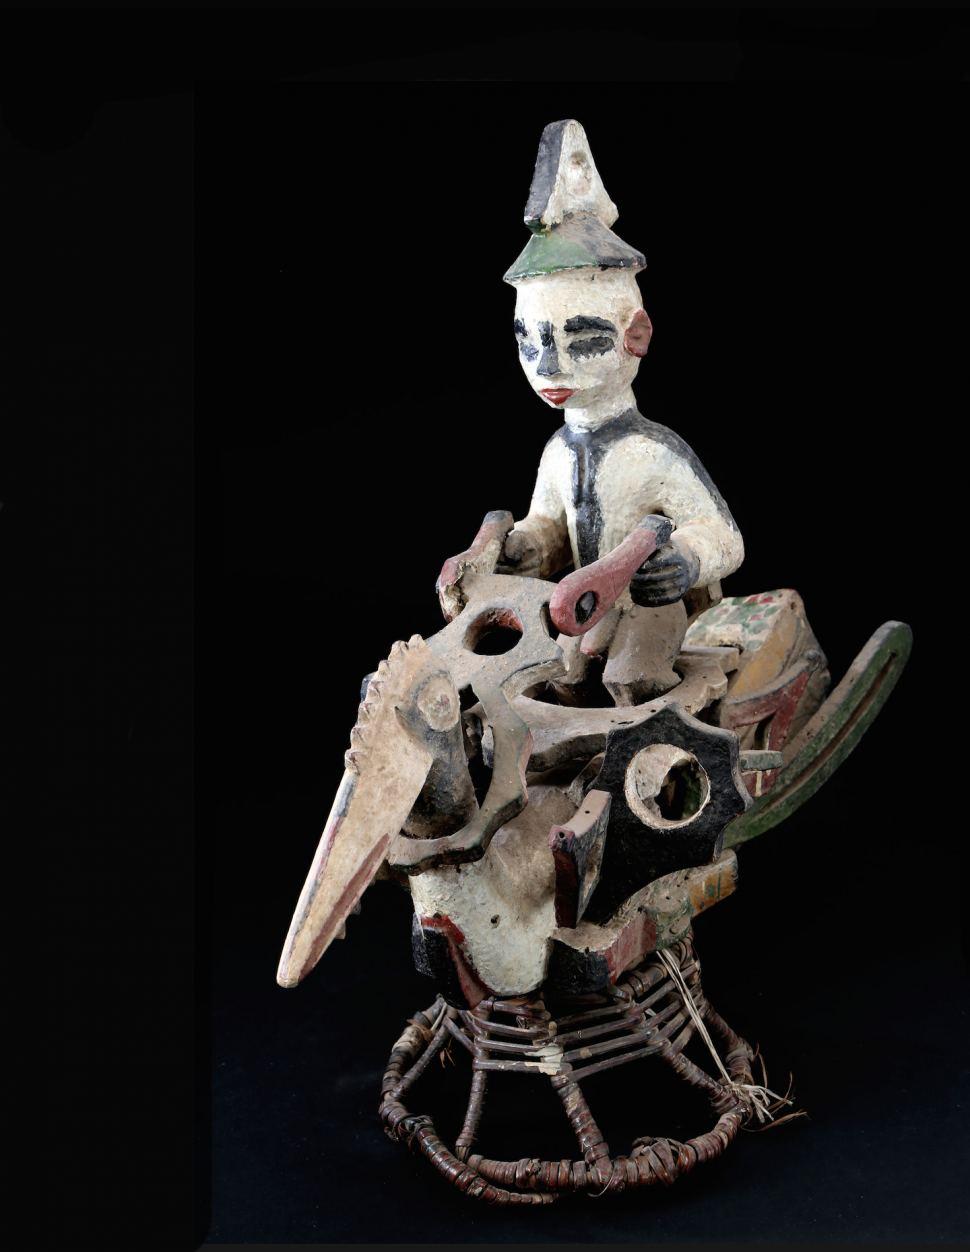 Spirit Mask / Helmet